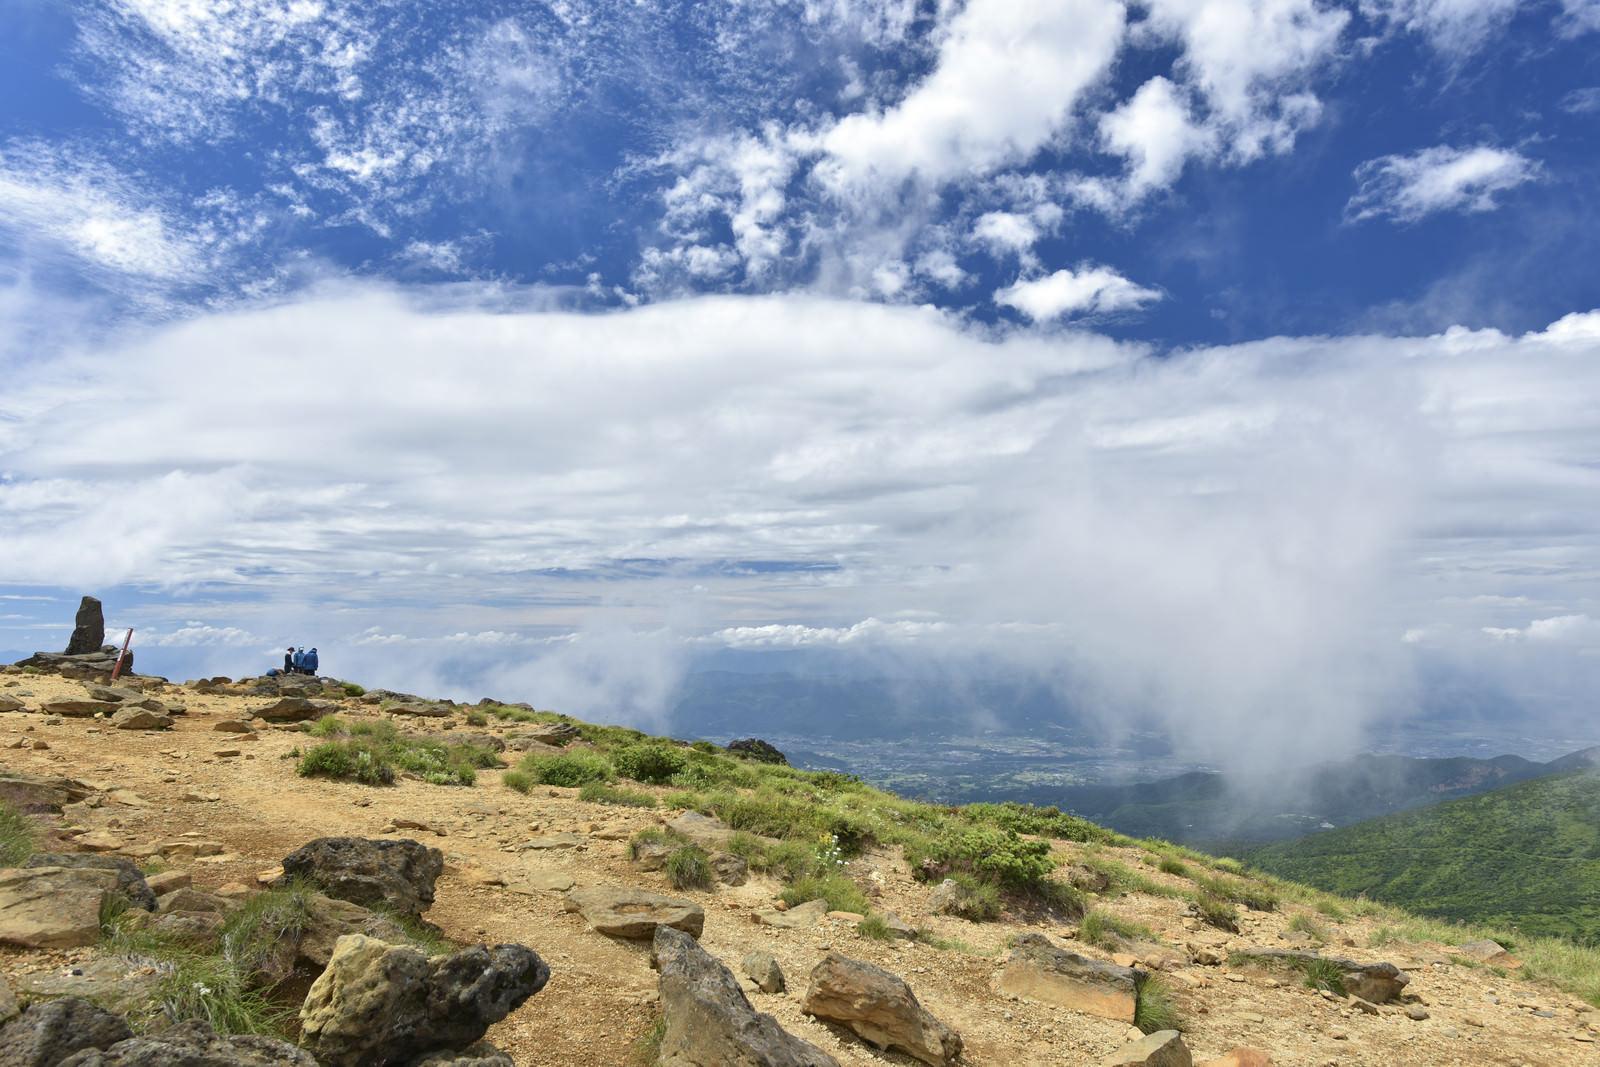 「蔵王山頂で休憩する人々と雲」の写真